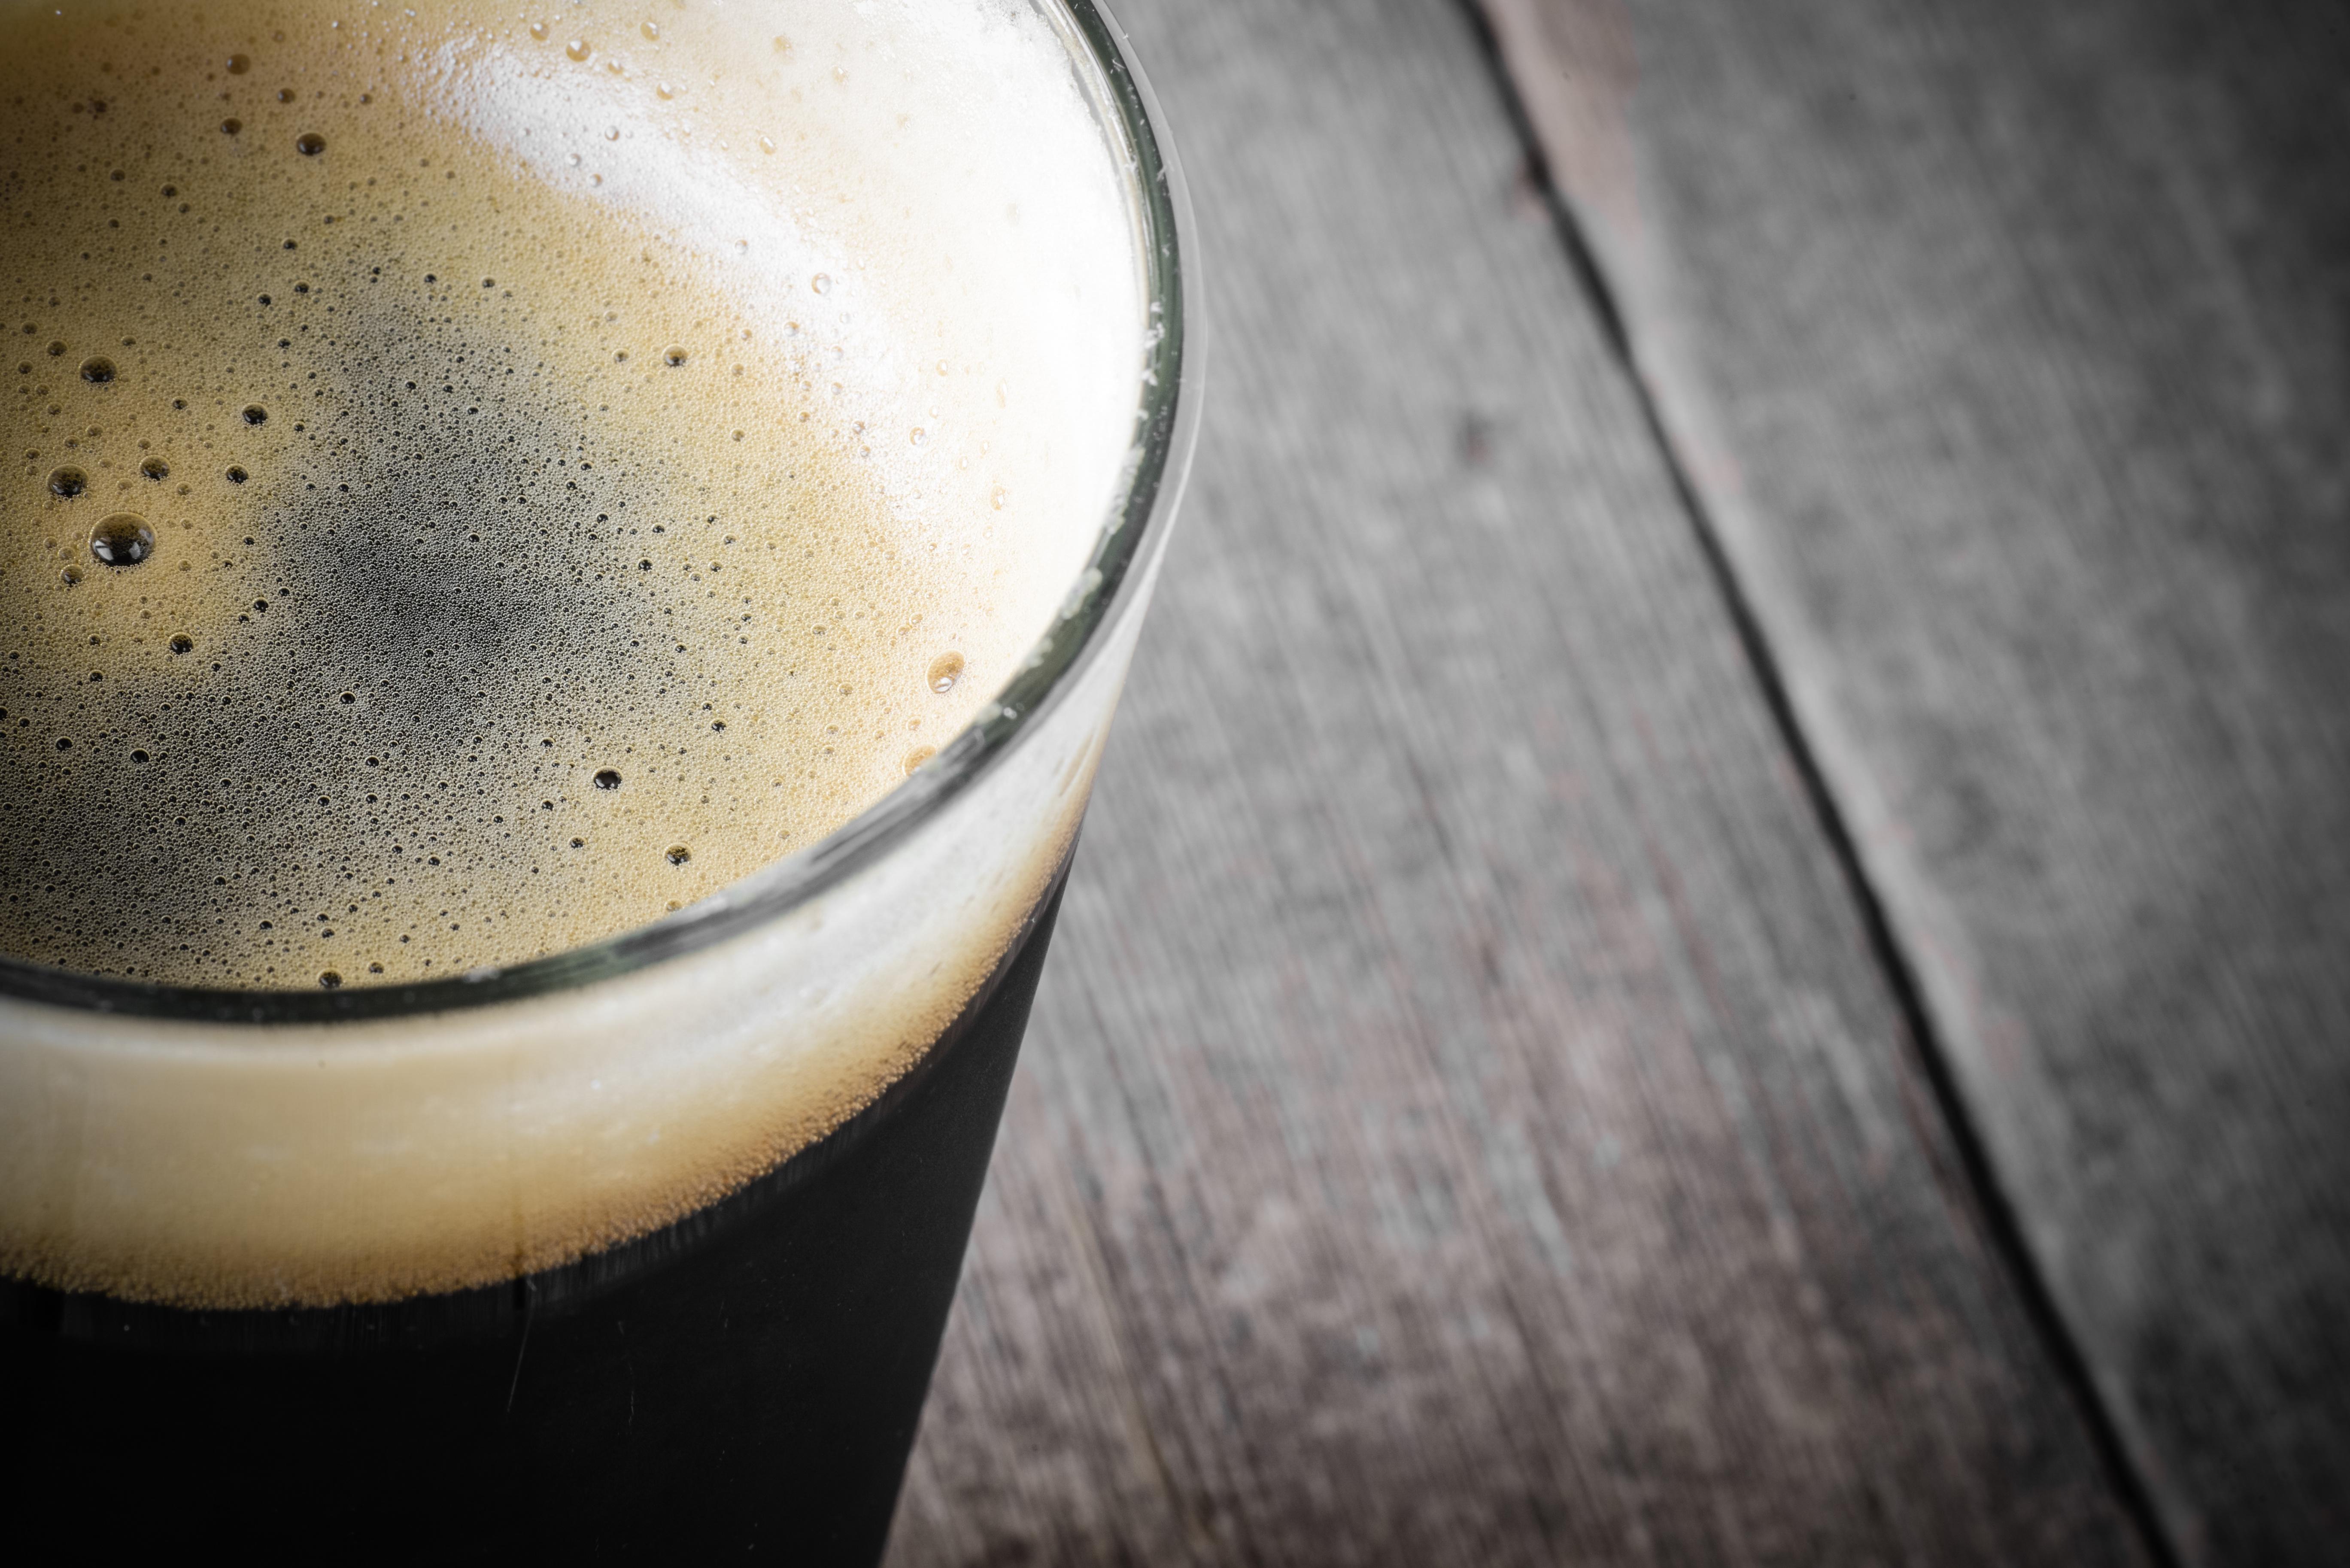 Ninkasi Noire bière world beer